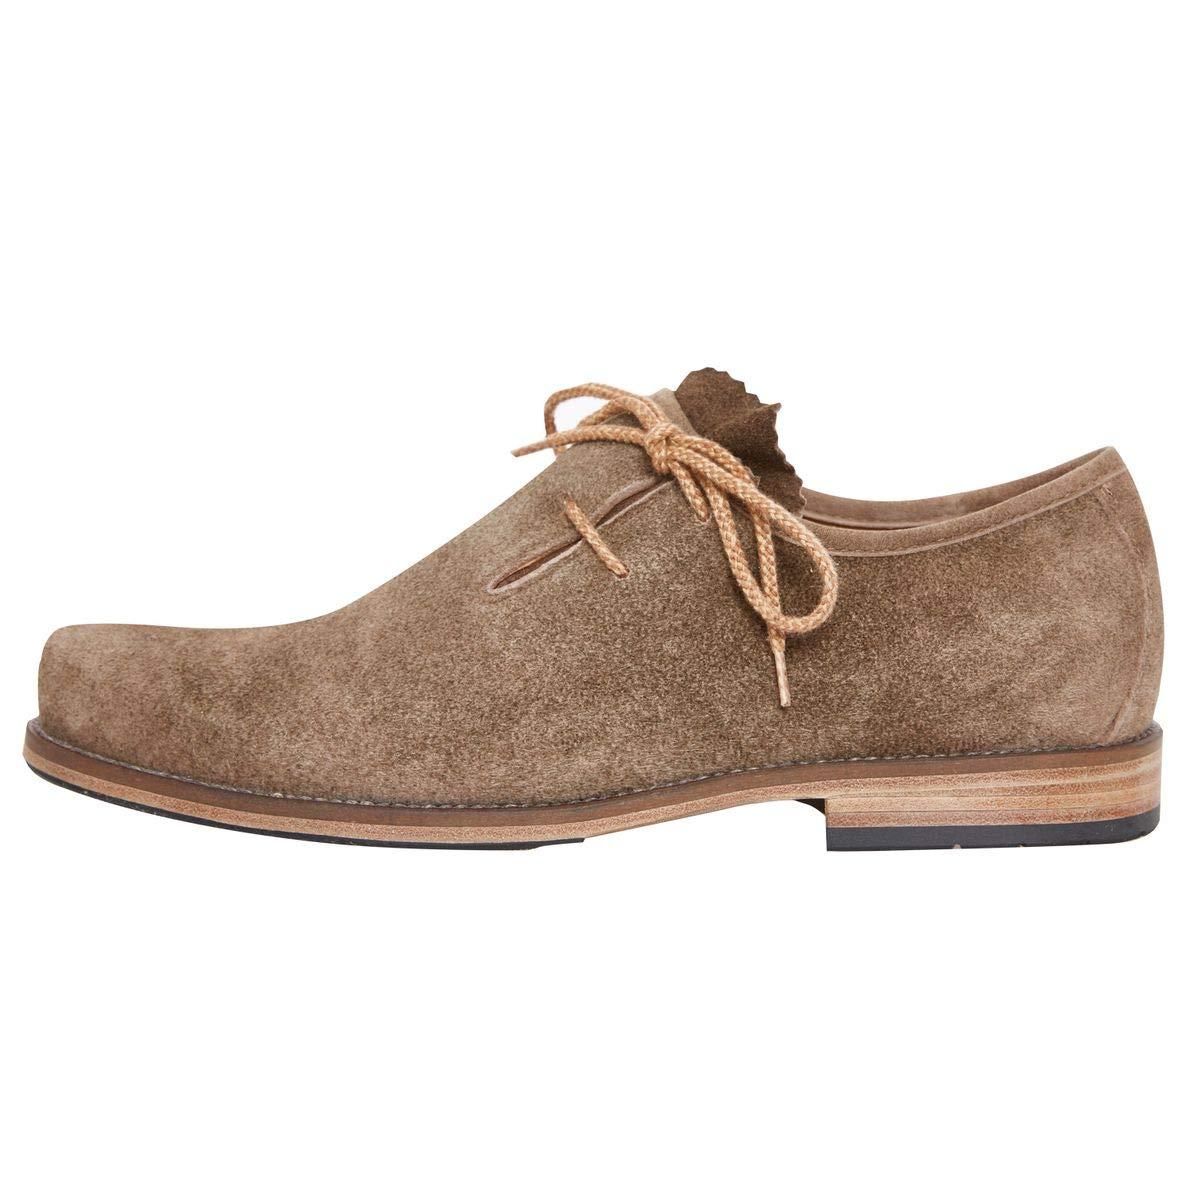 59f44bdc808578 dirndl + bua Herren Trachten-Schuhe Haferlschuh Josef in Beige: Amazon.de:  Schuhe & Handtaschen